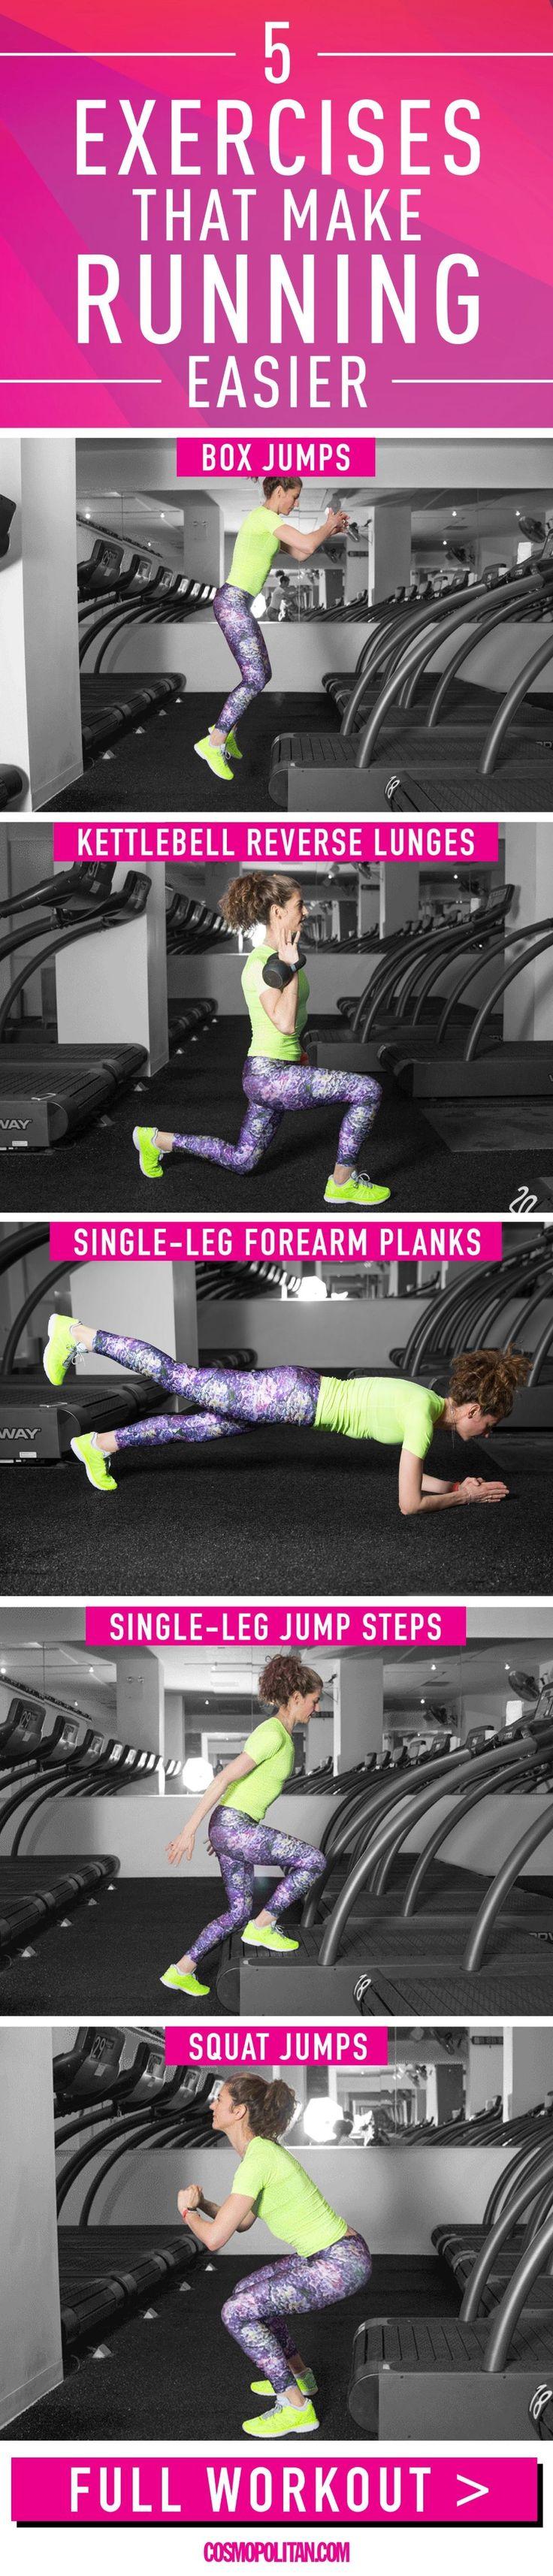 5 Exercises to Make Running Easier